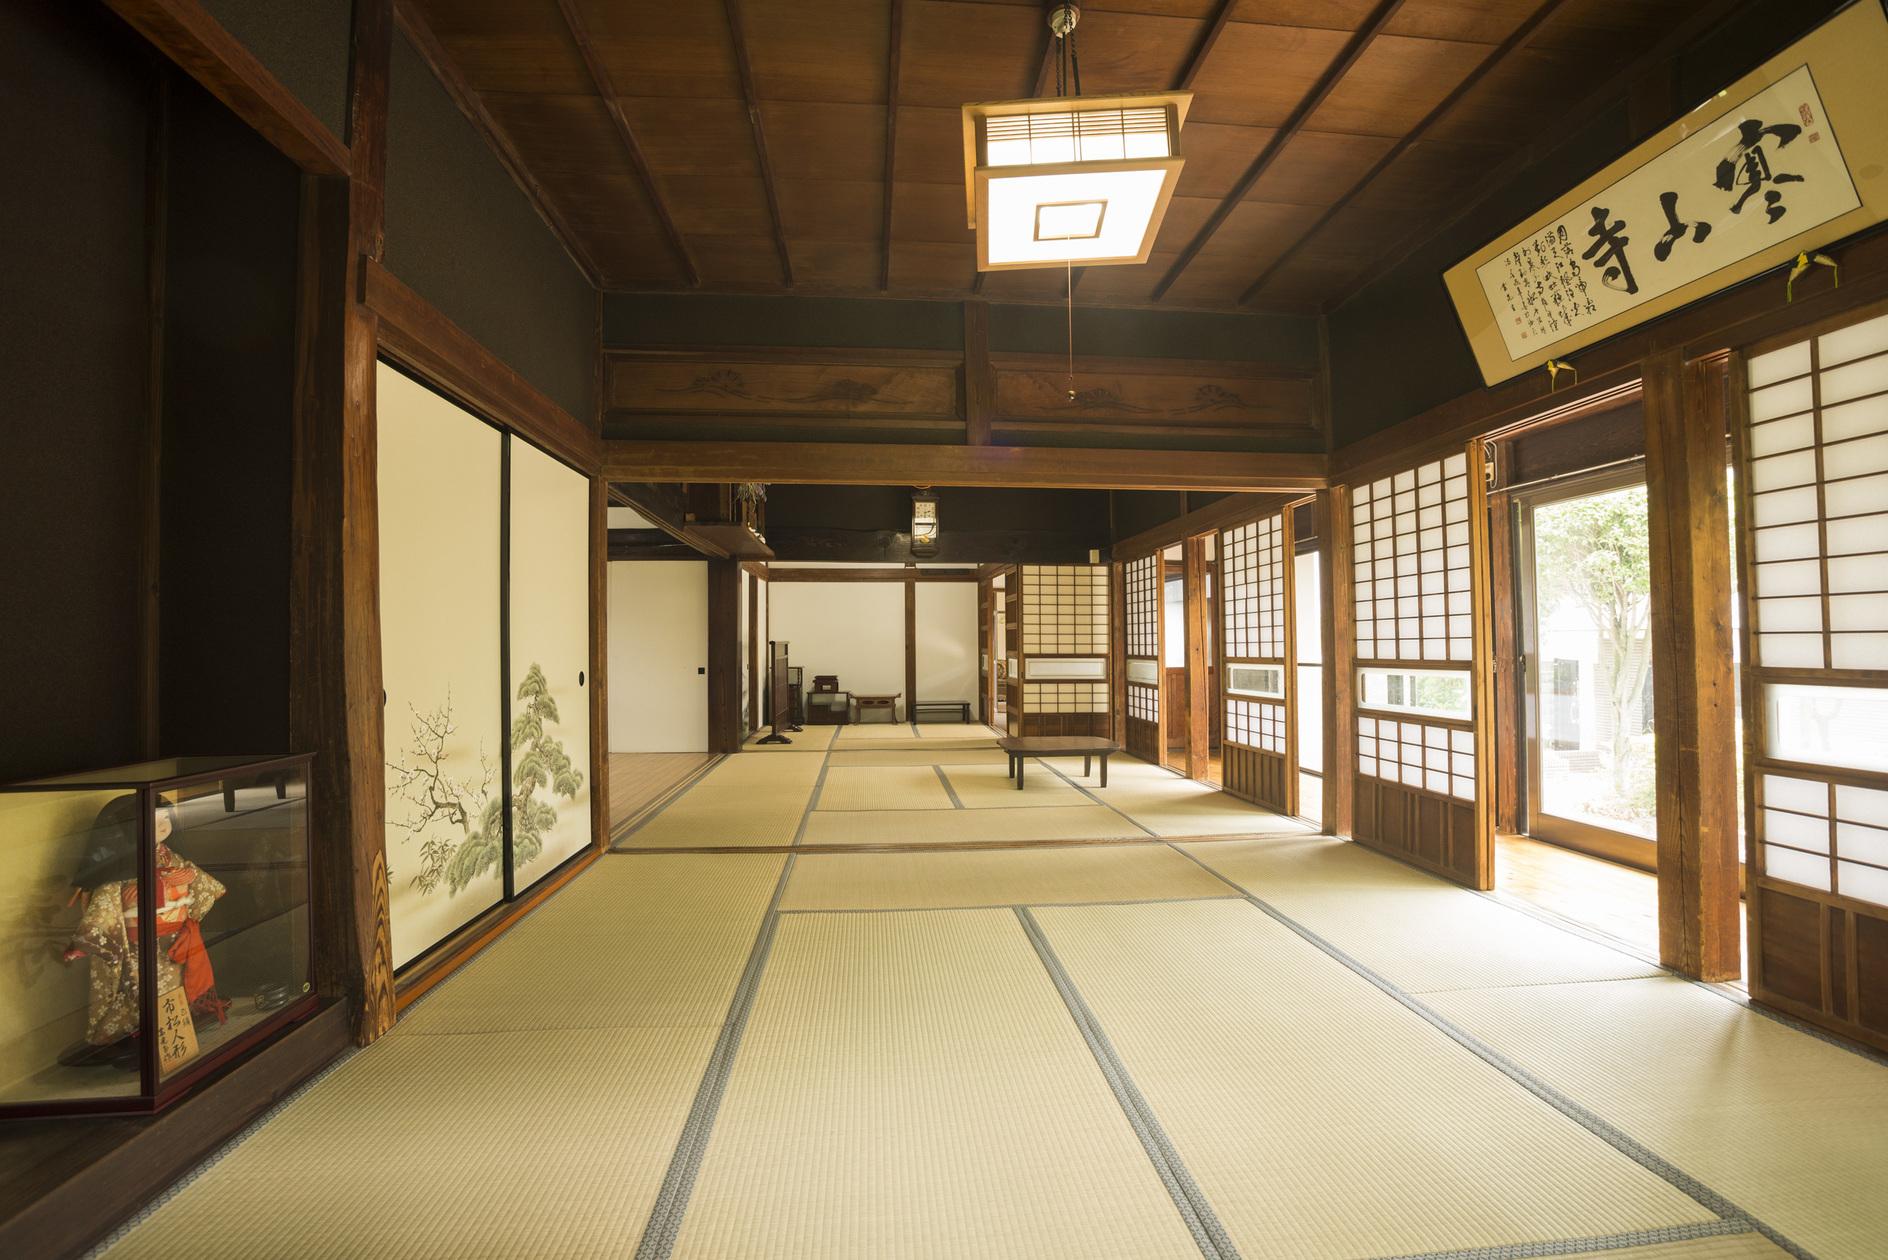 古民家冨田邸、都内で珍しい由緒ある古い建物です。(古民家冨田邸、都内で珍しい由緒ある古い建物です。) の写真0